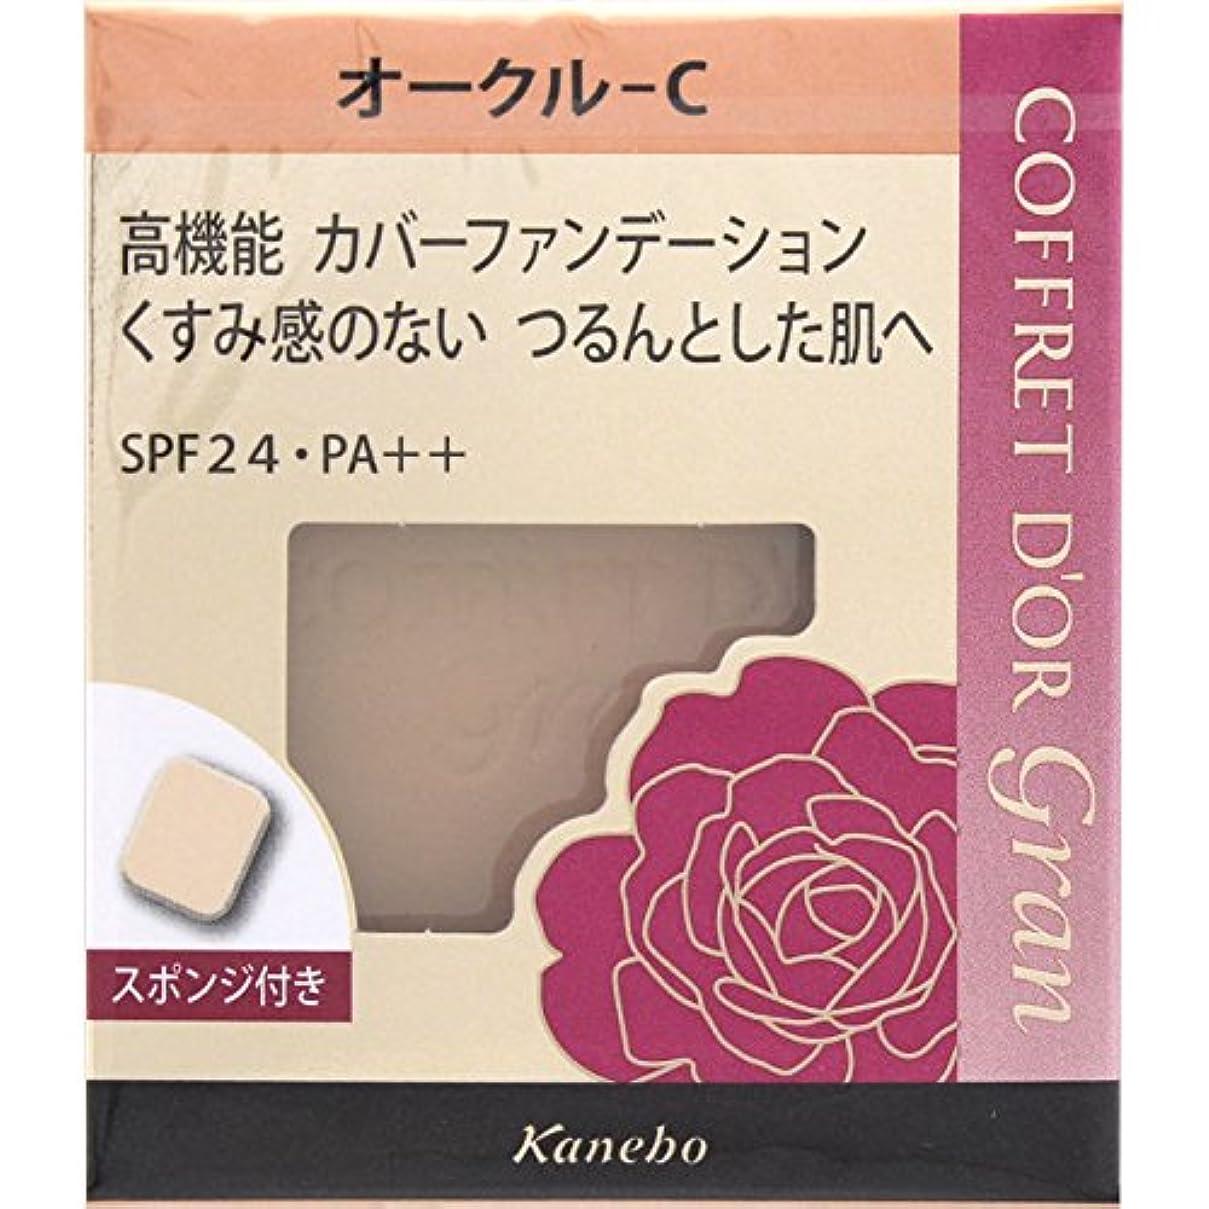 違法松自明カネボウ(Kanebo) コフレドールグランカバーフィットパクトUVII《10.5g》<カラー:オークルC>